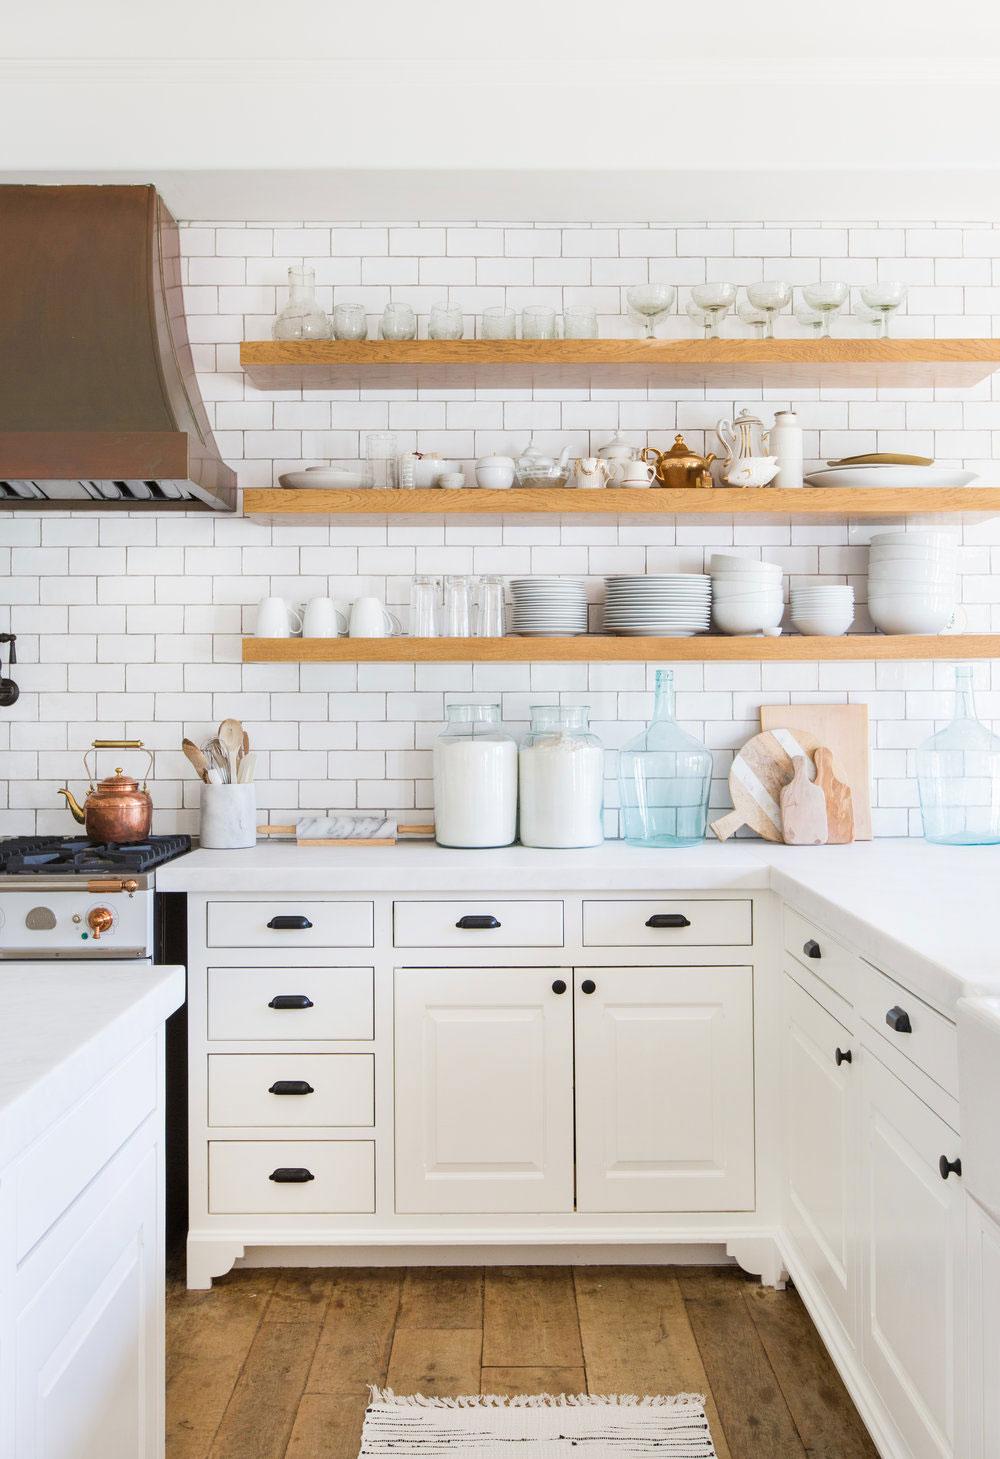 Kuchyne s otvorenými poličkami - Obrázok č. 65